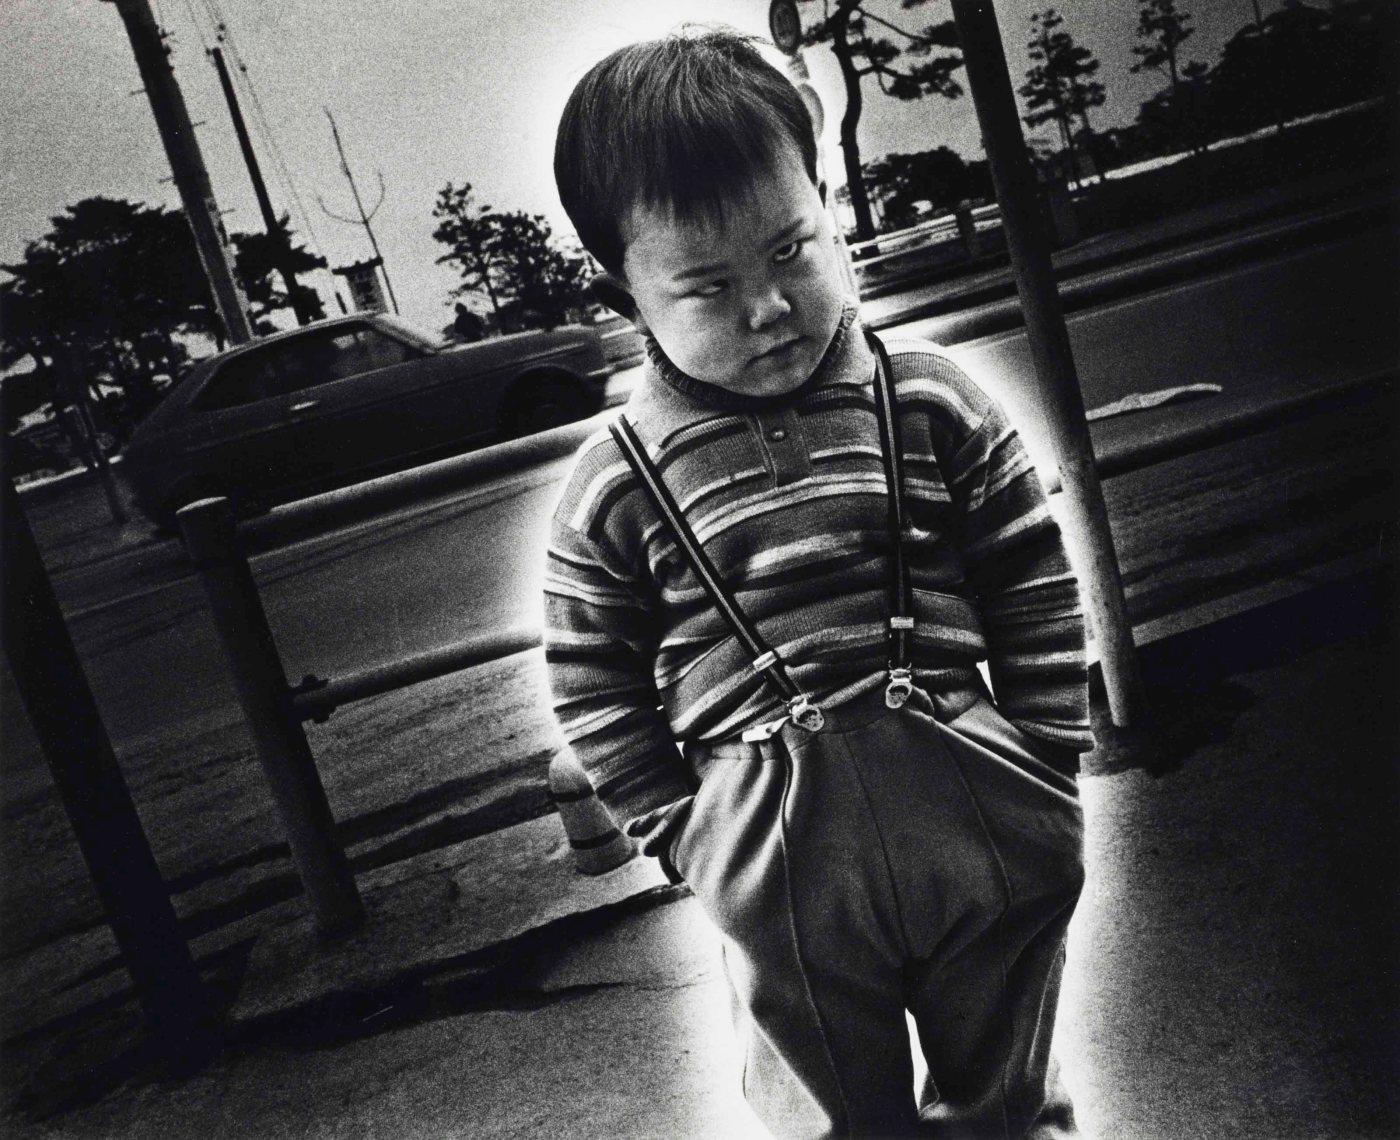 2018_NYR_16736_0029_000(daido_moriyama_the_three_views_of_japan_no_3_-_mutsu_matsushima_1974).jpg